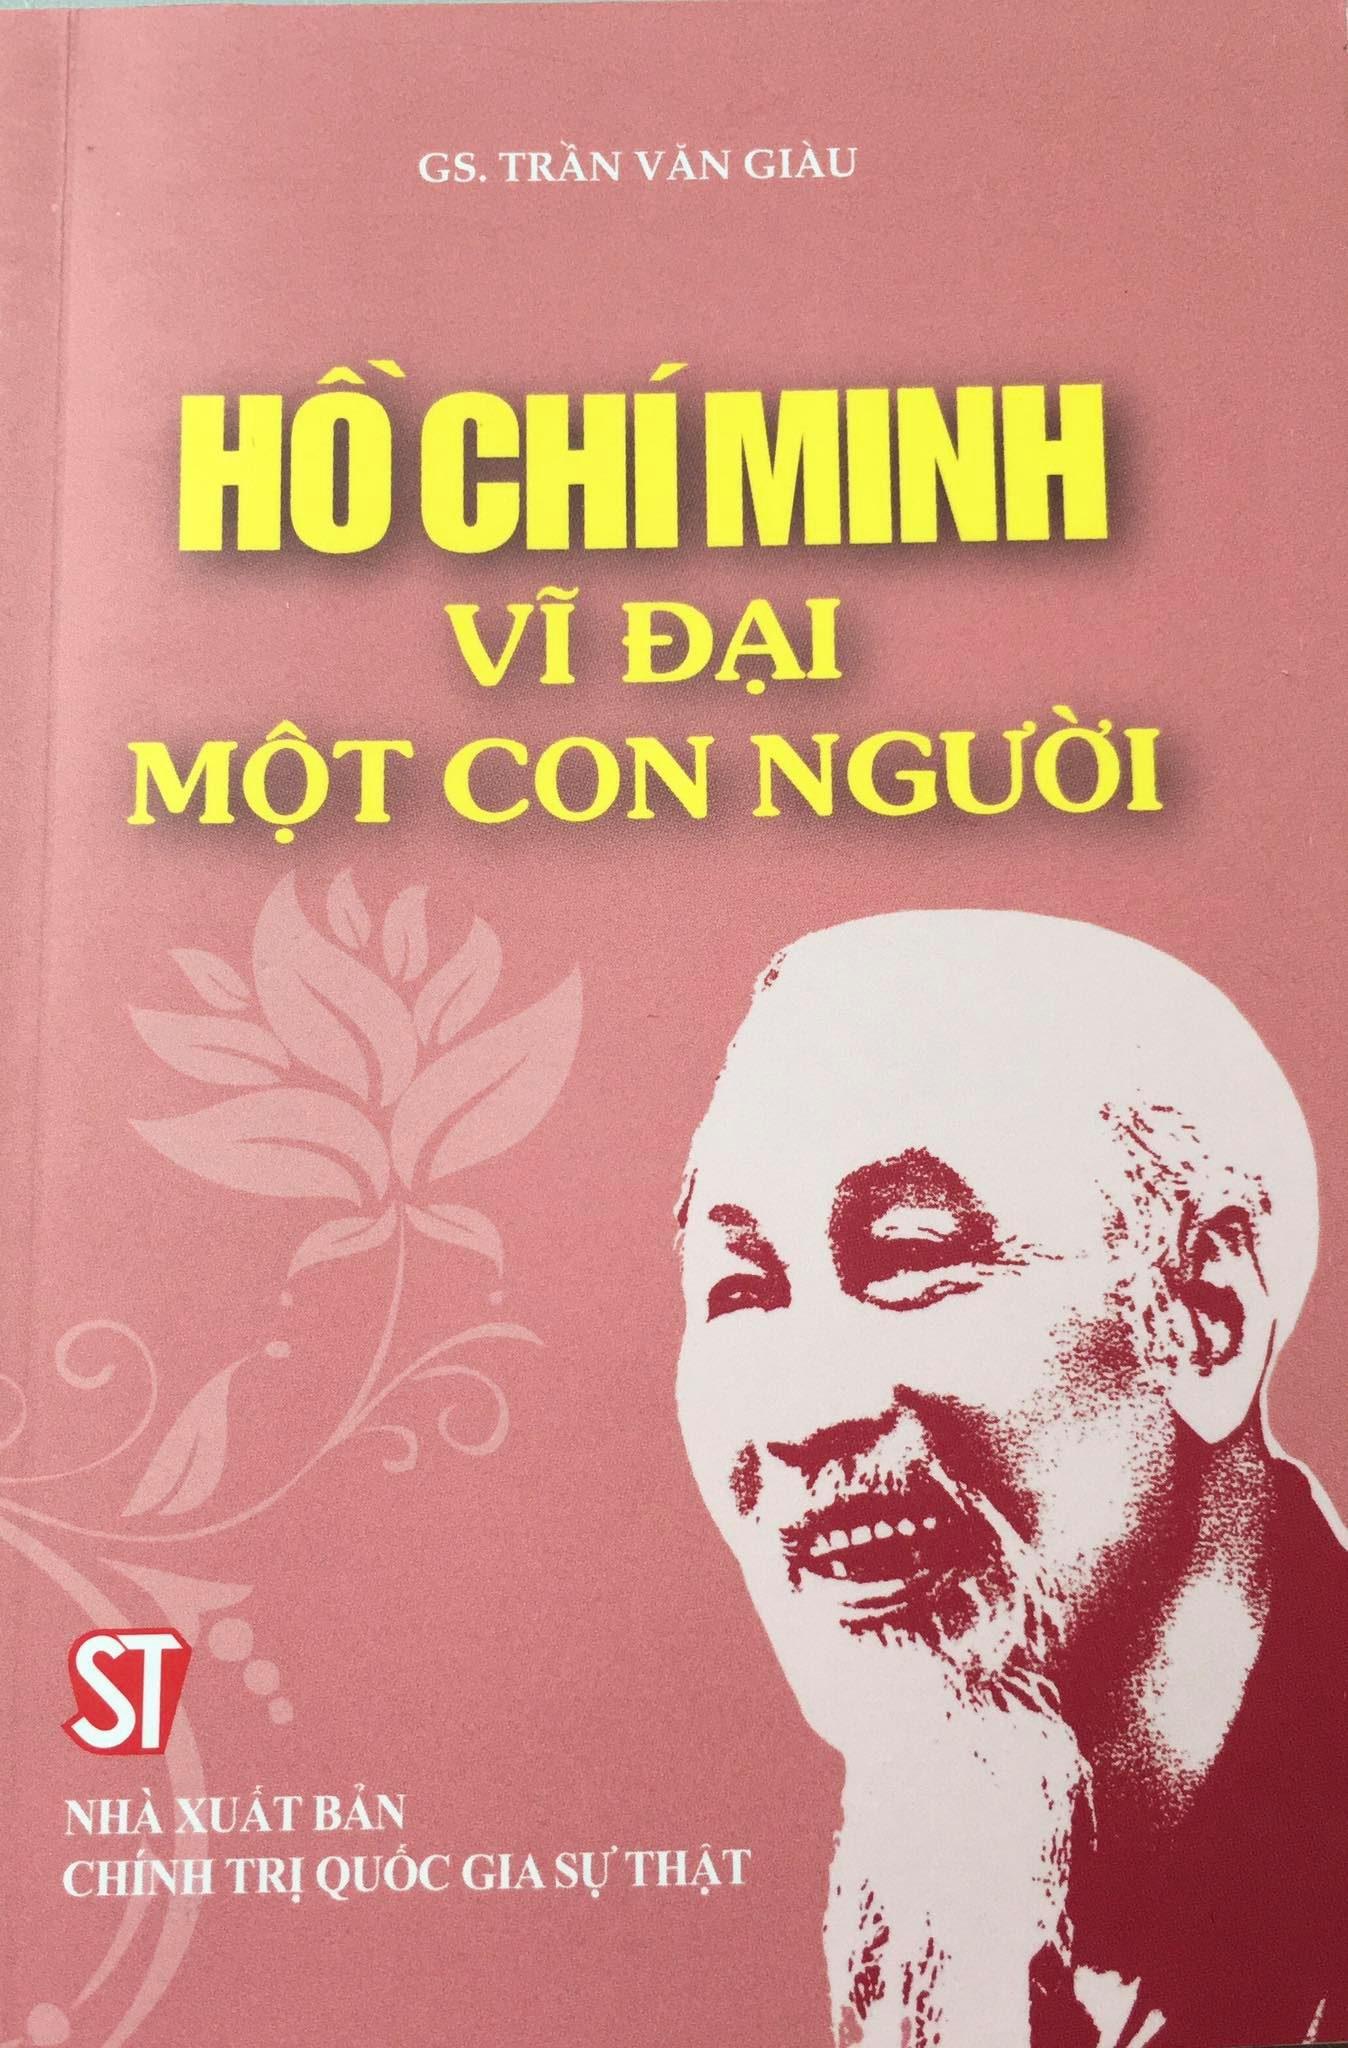 Hồ Chí Minh vĩ đại một con người